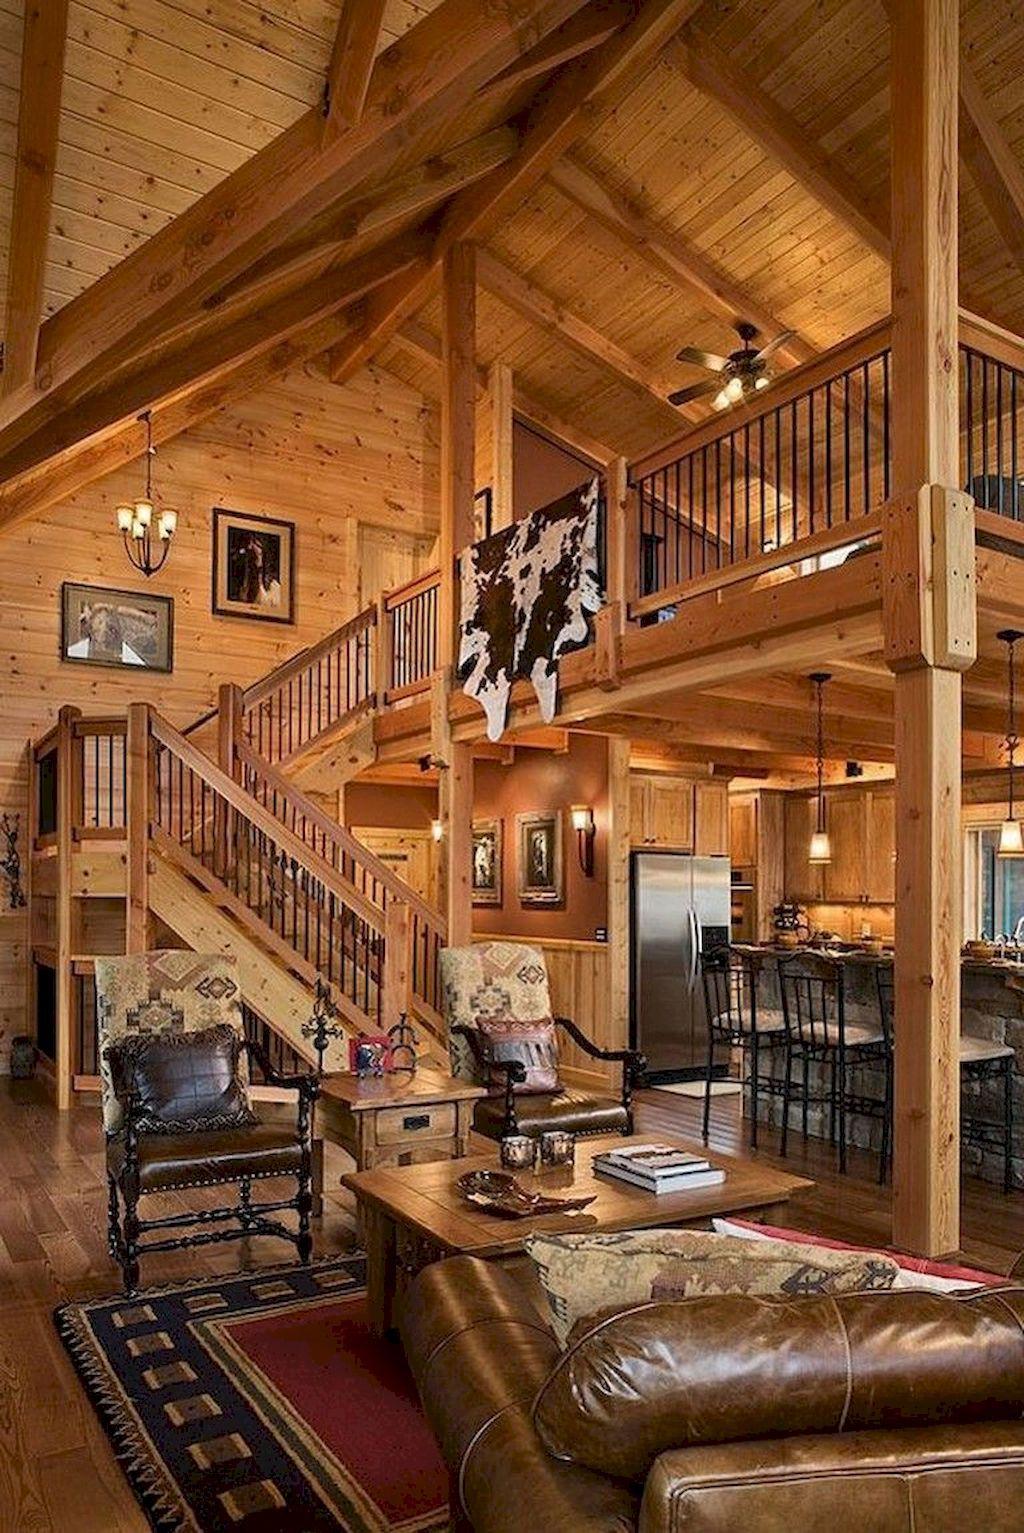 70 Genius Loft Stair For Tiny House Ideas Decorationroom Tiny House Loft Cabin Loft Rustic Loft